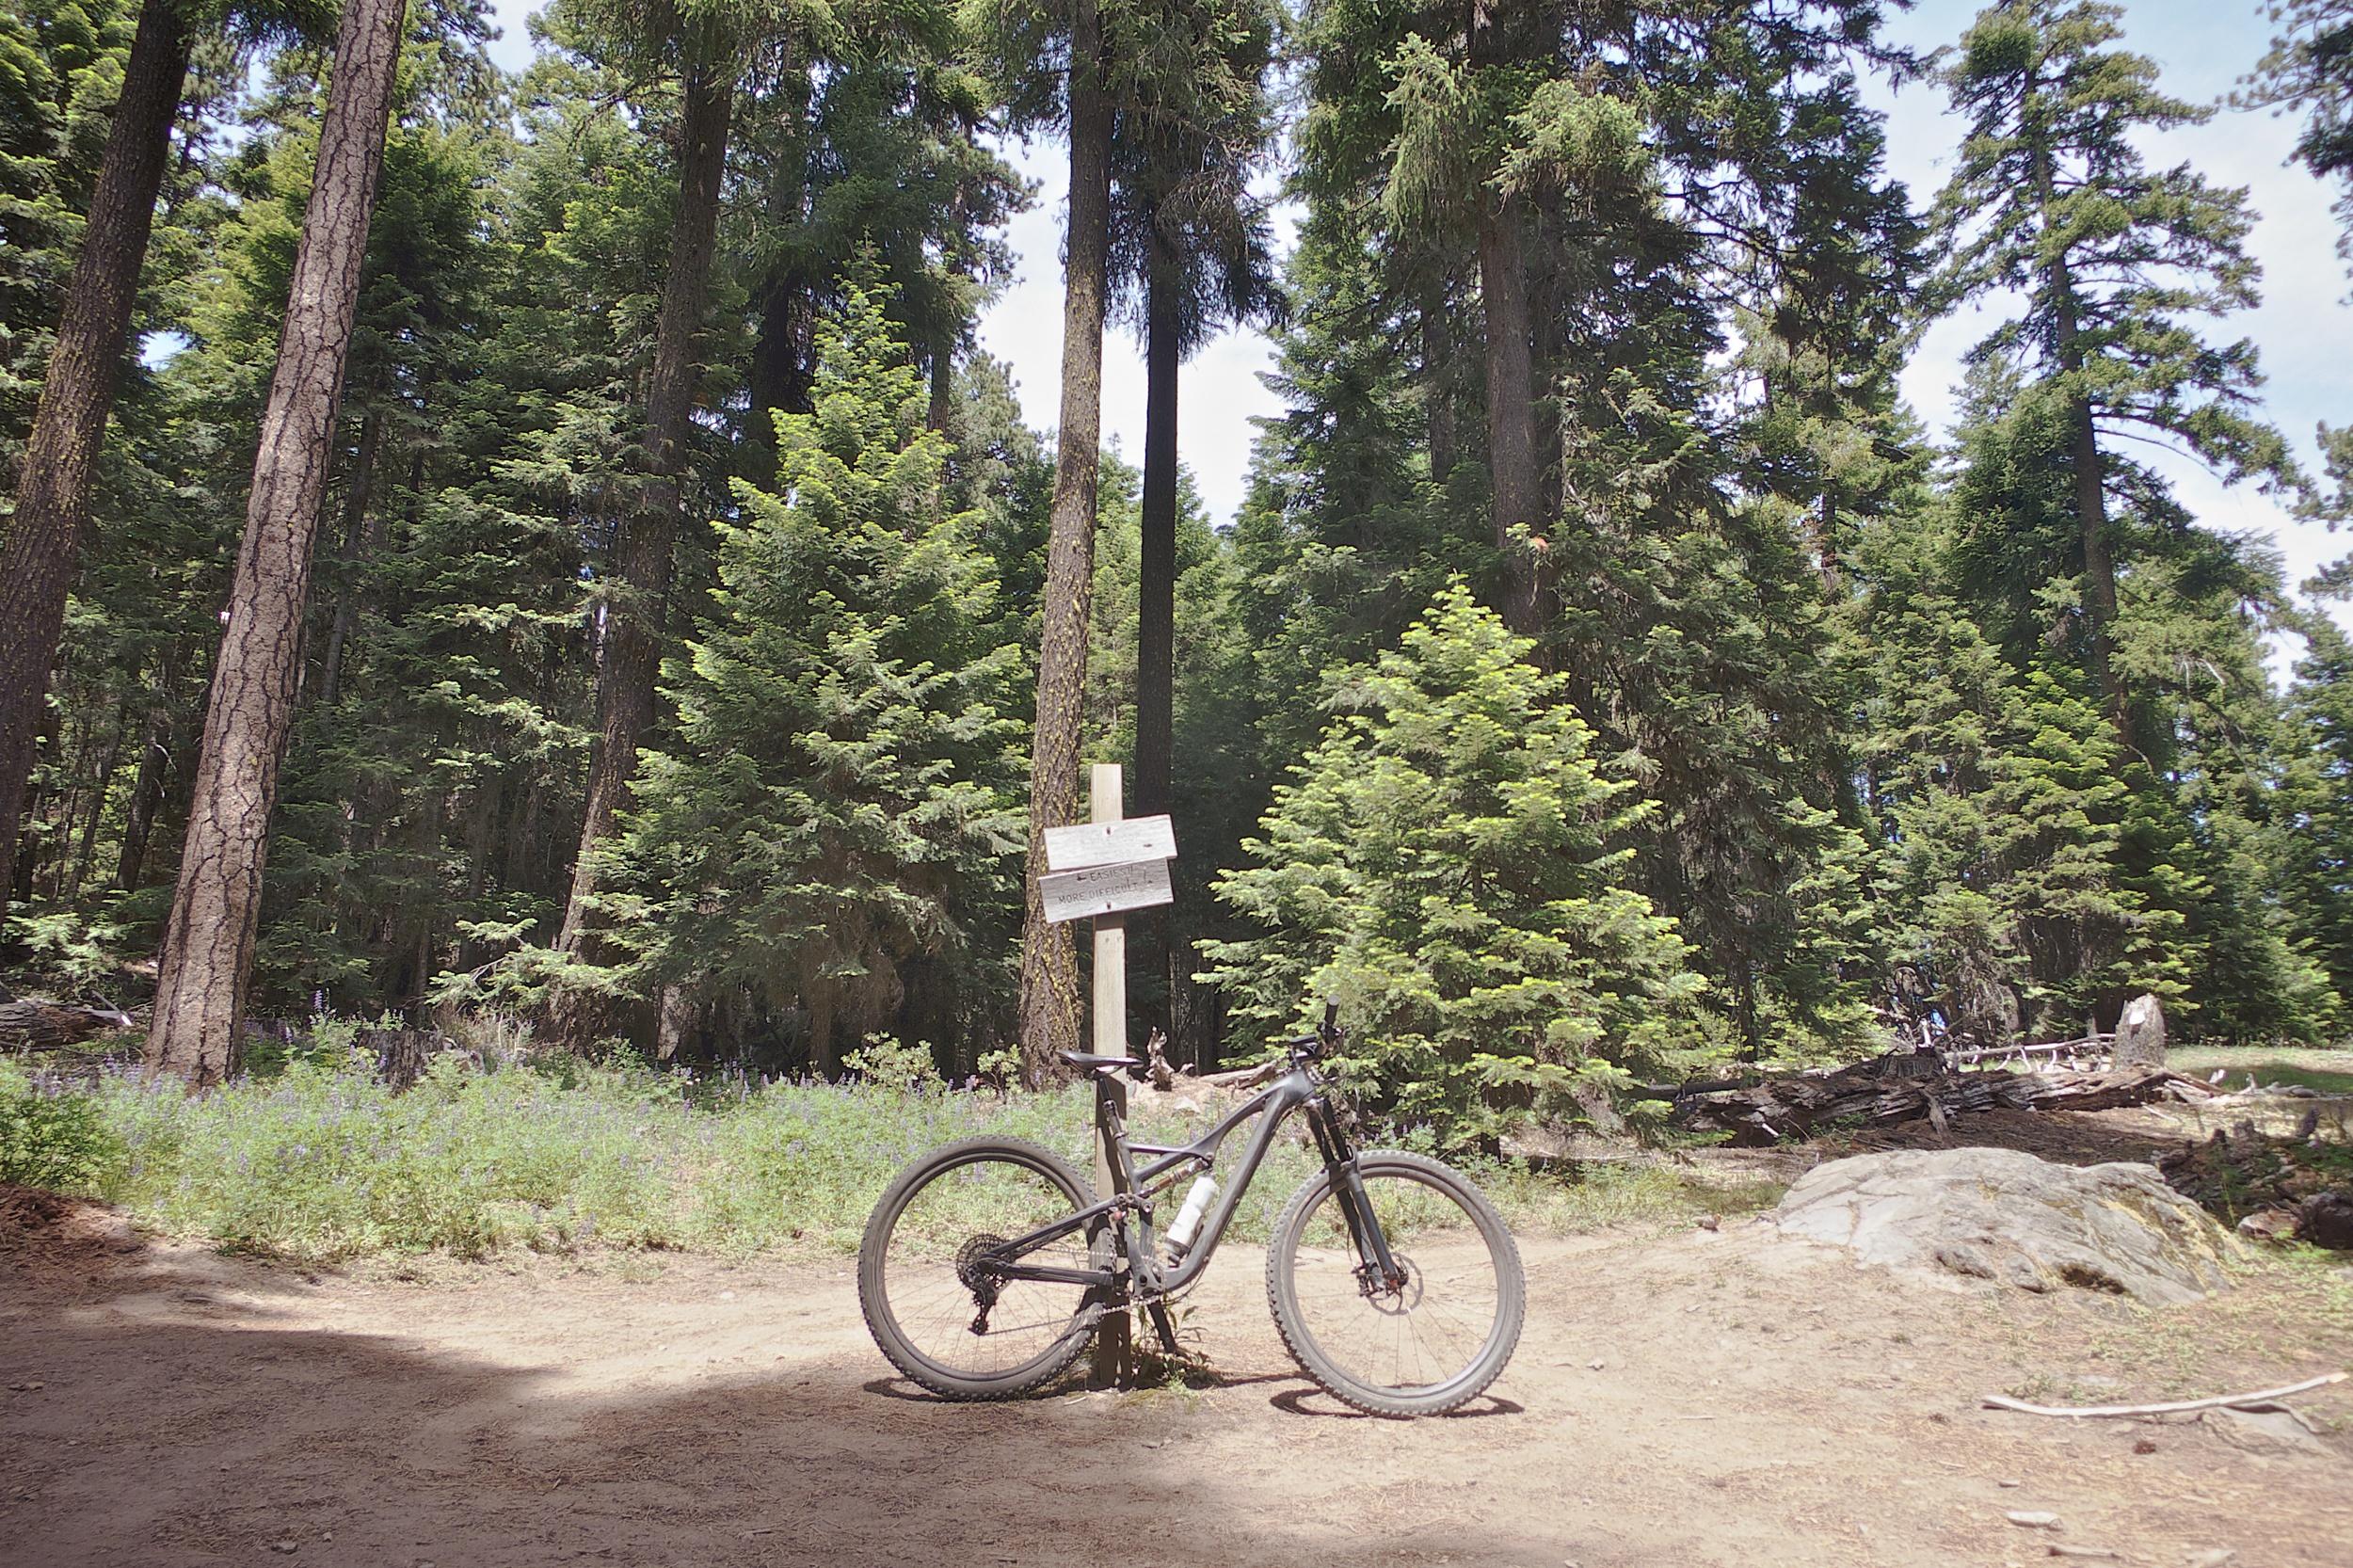 My Stumpjumper FSR tamed the trails of Mt. Hood like a boss.